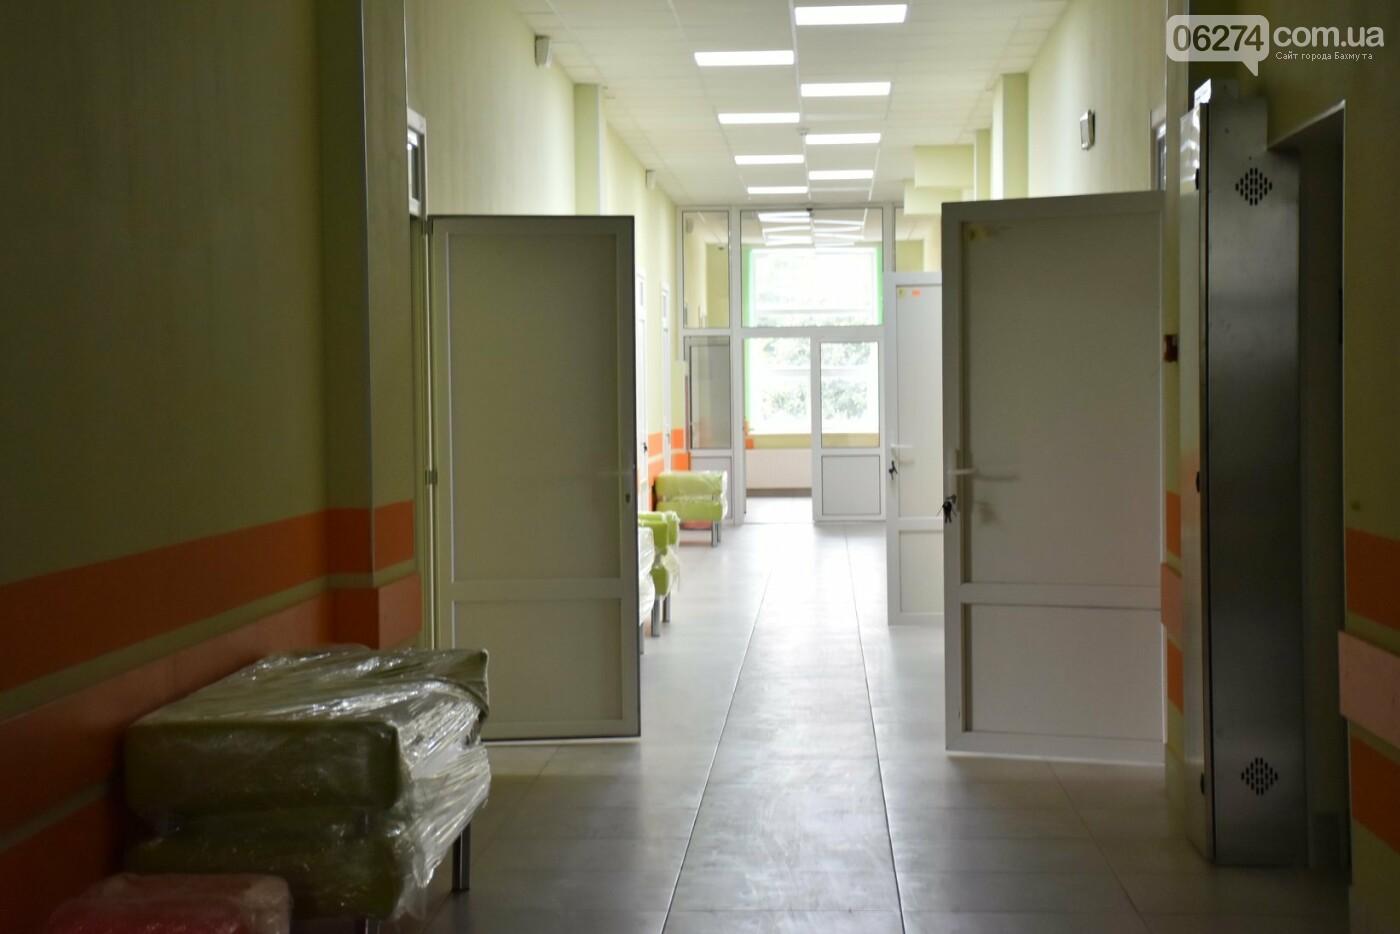 Областной врачебно-физкультурный диспансер в Бахмуте уже осенью примет первых посетителей, фото-2